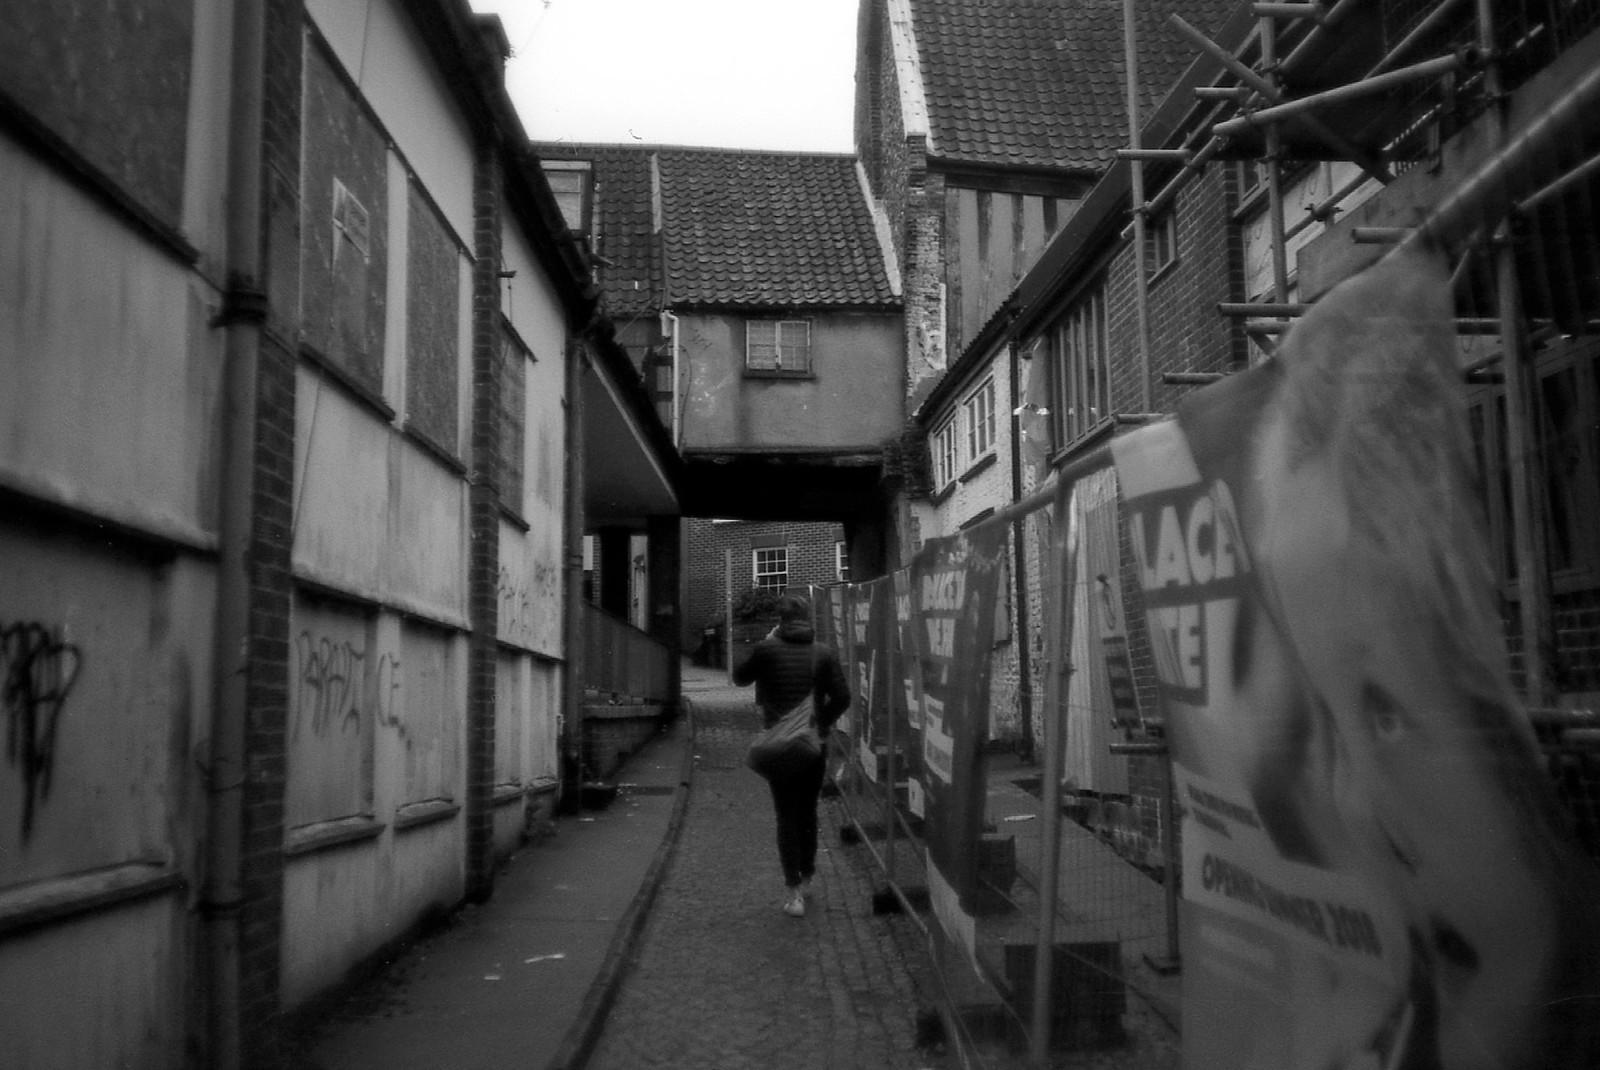 A street in Norwich